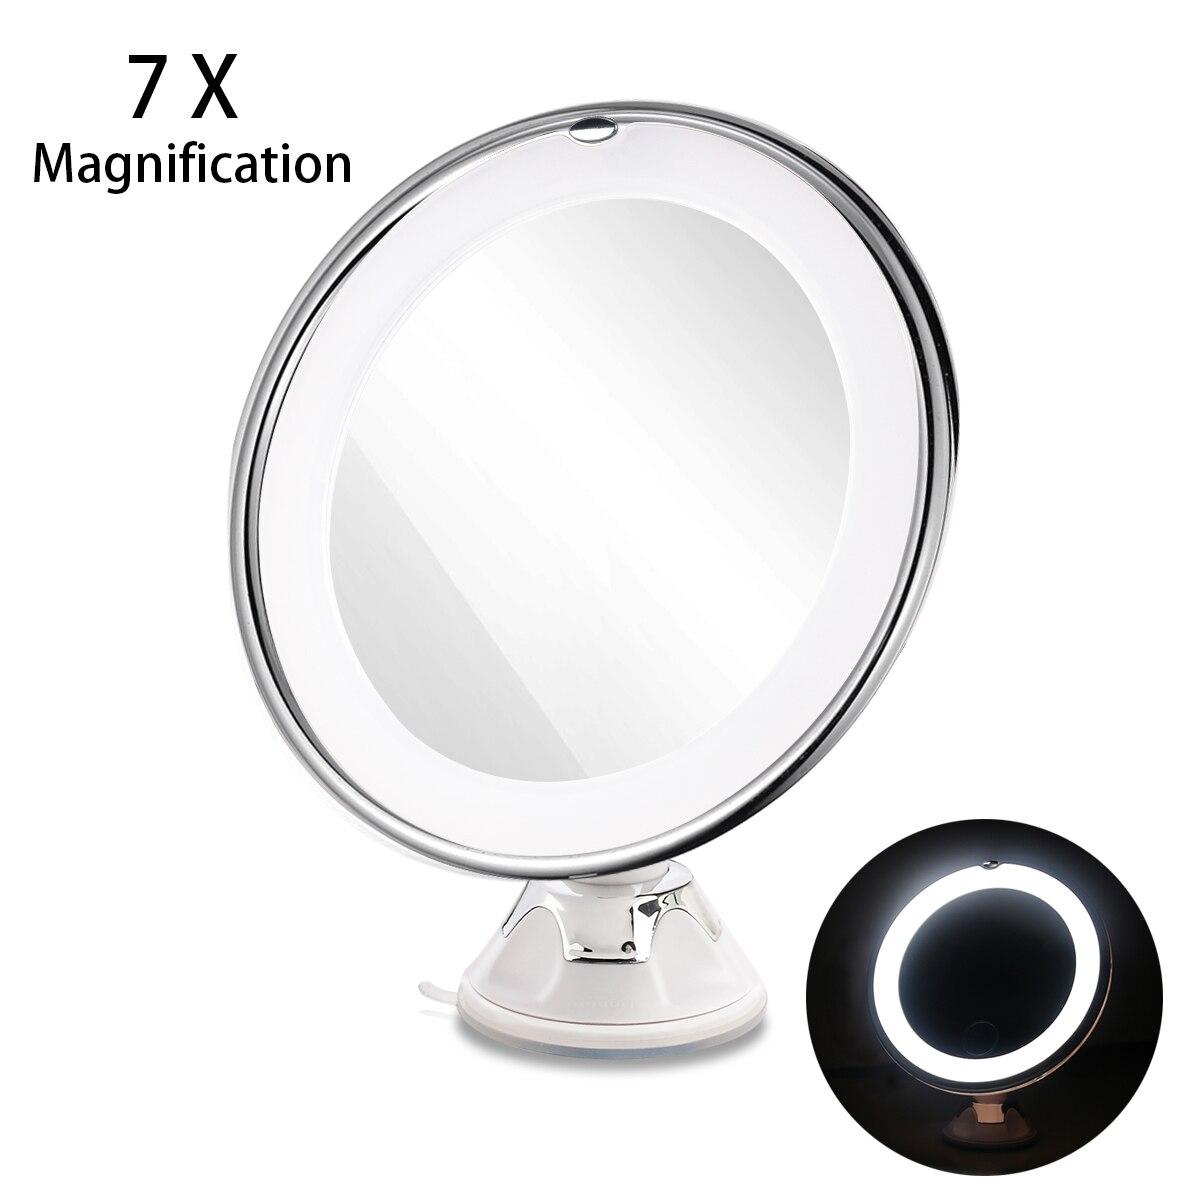 Ruimio 7X увеличительное косметические зеркала Макияж зеркало с Мощность блокировки присоске яркий рассеянный свет 360 градусов вращающийся(China)